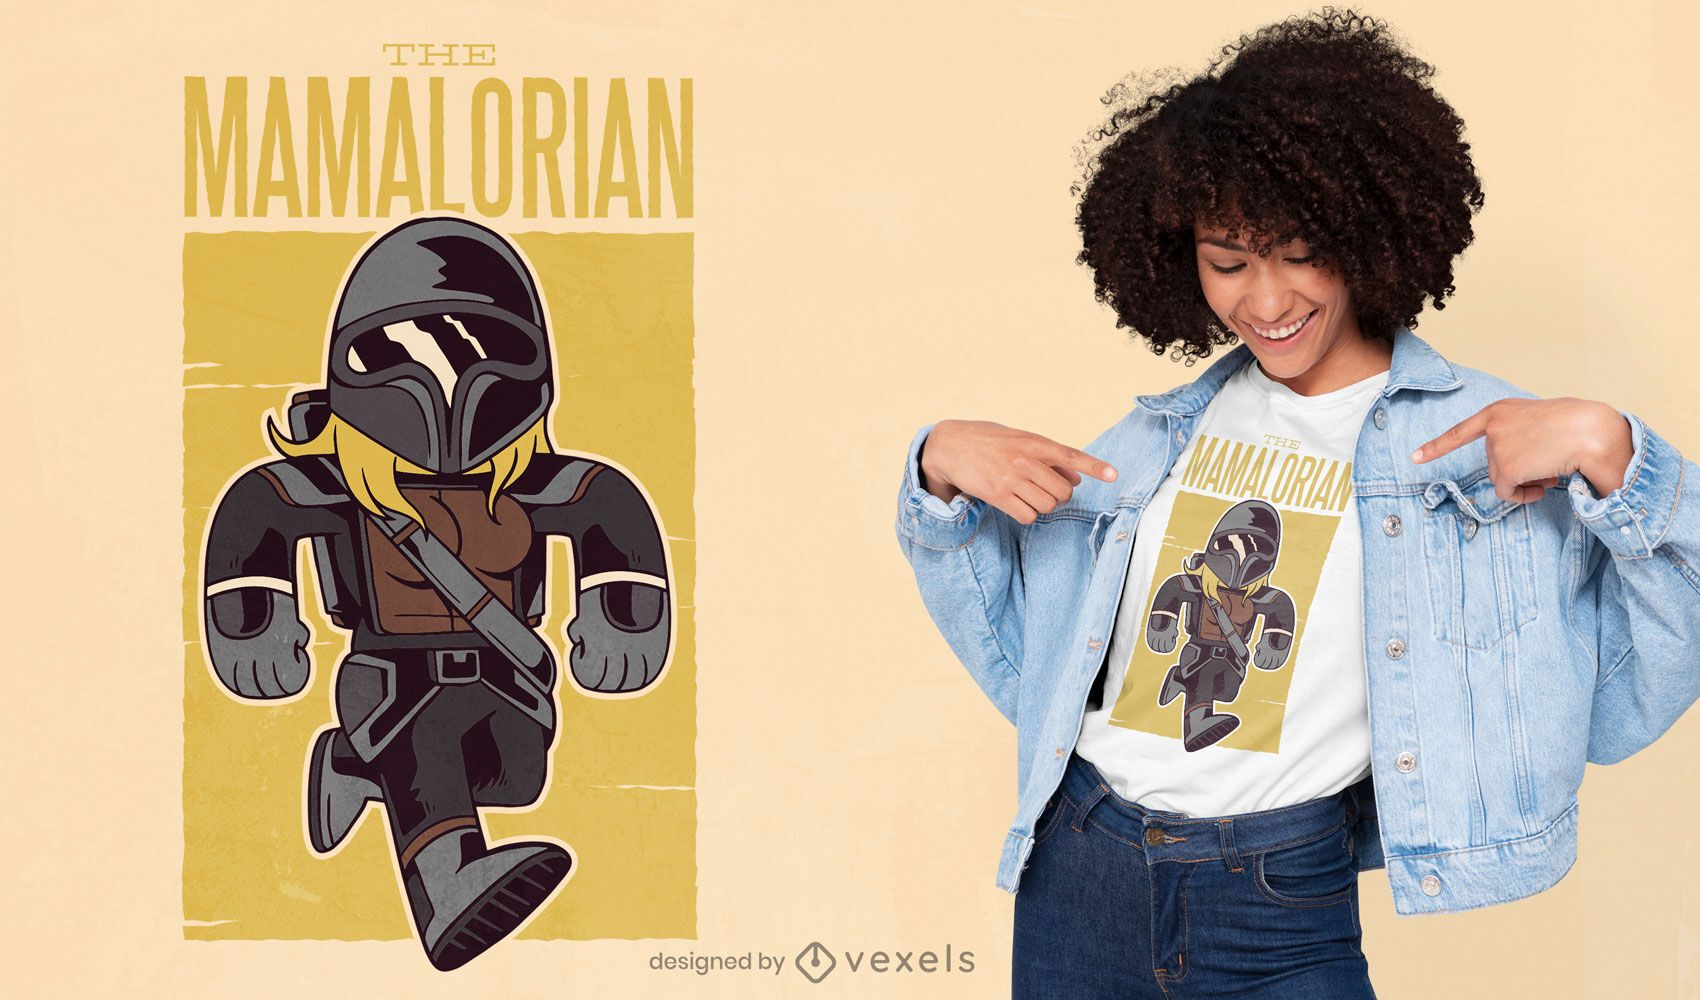 O design da t-shirt mamaloriana